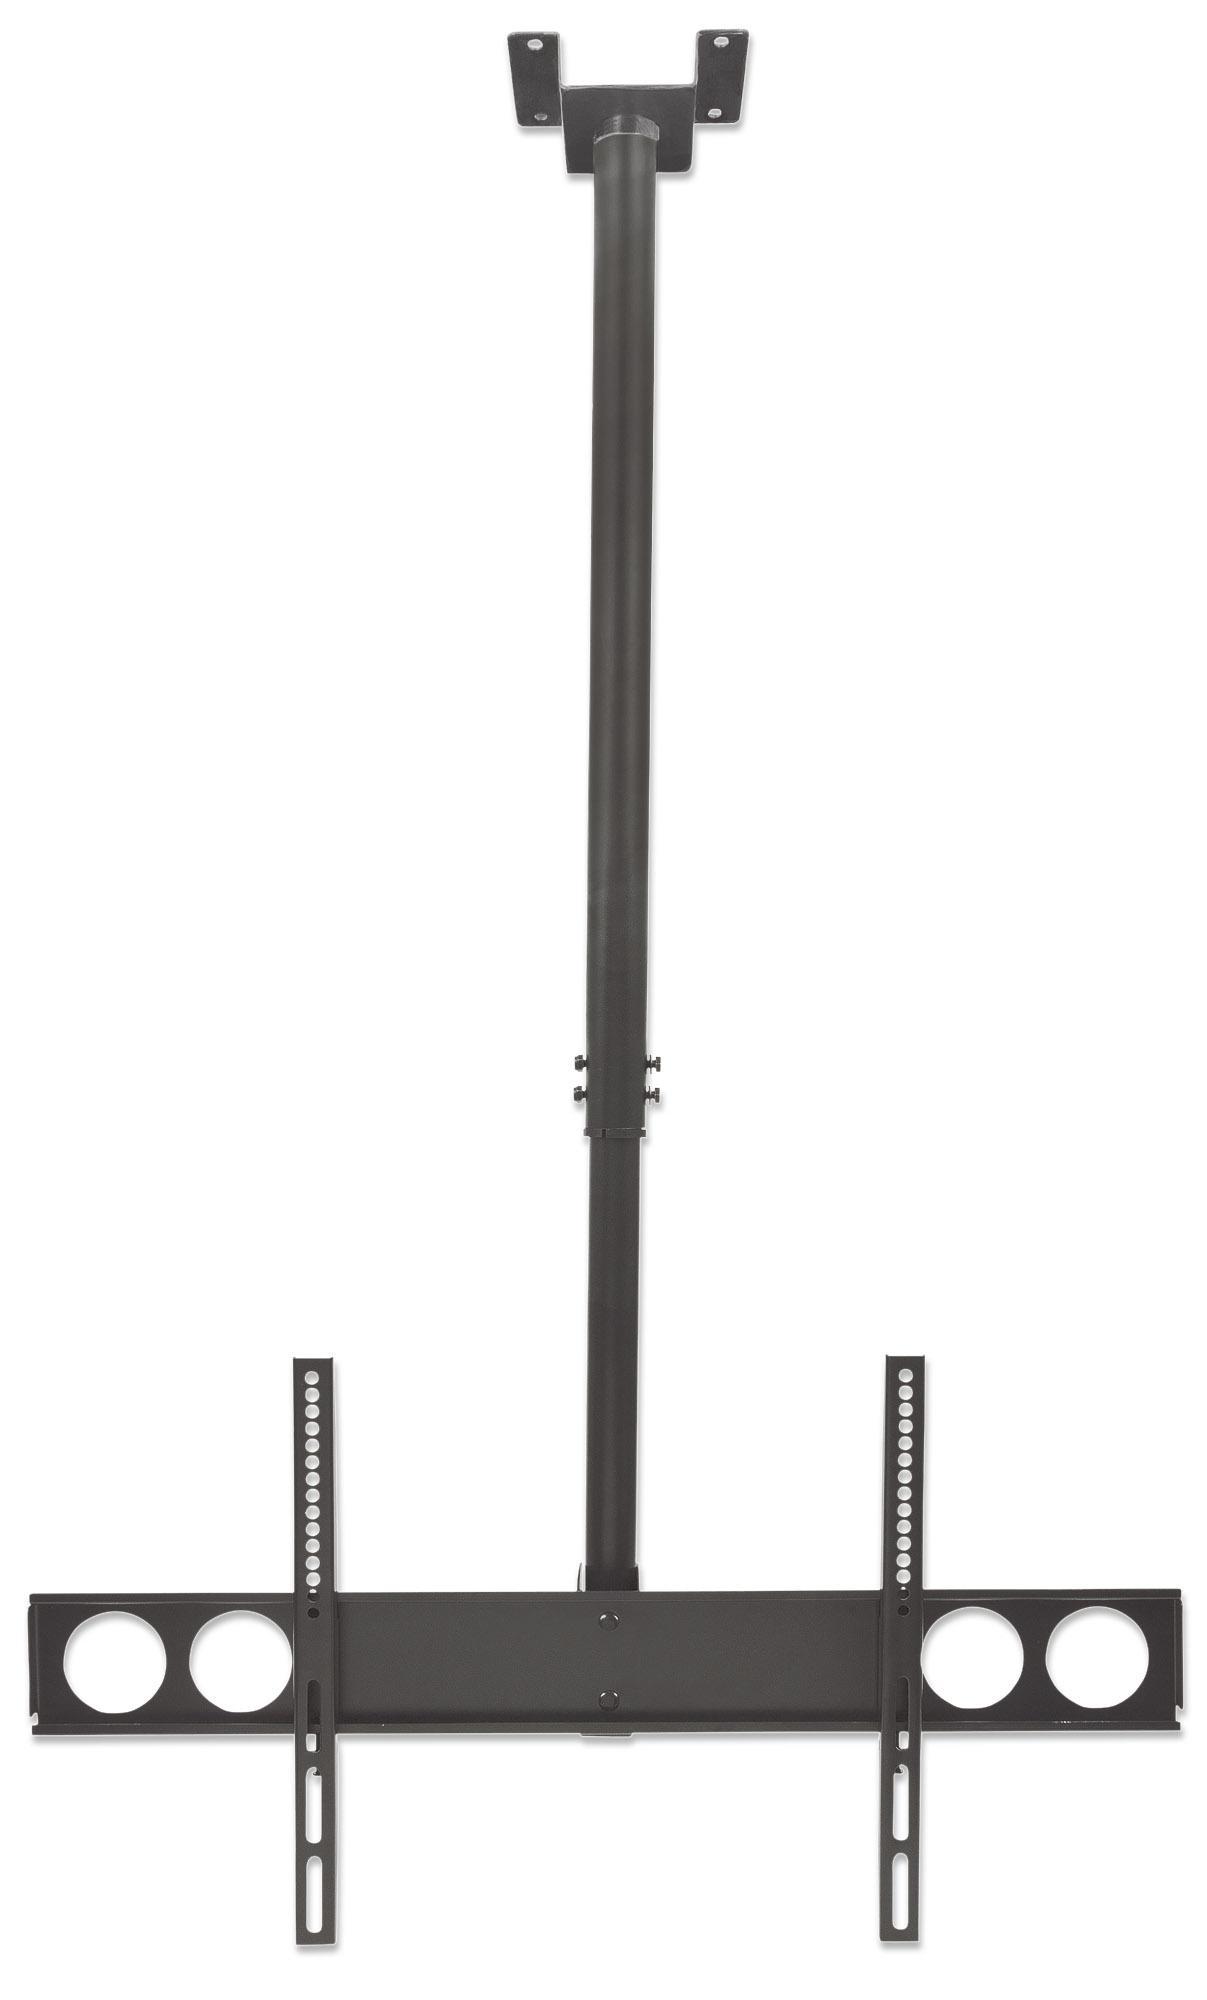 Supporto universale a soffitto per TV LED/LCD 3...